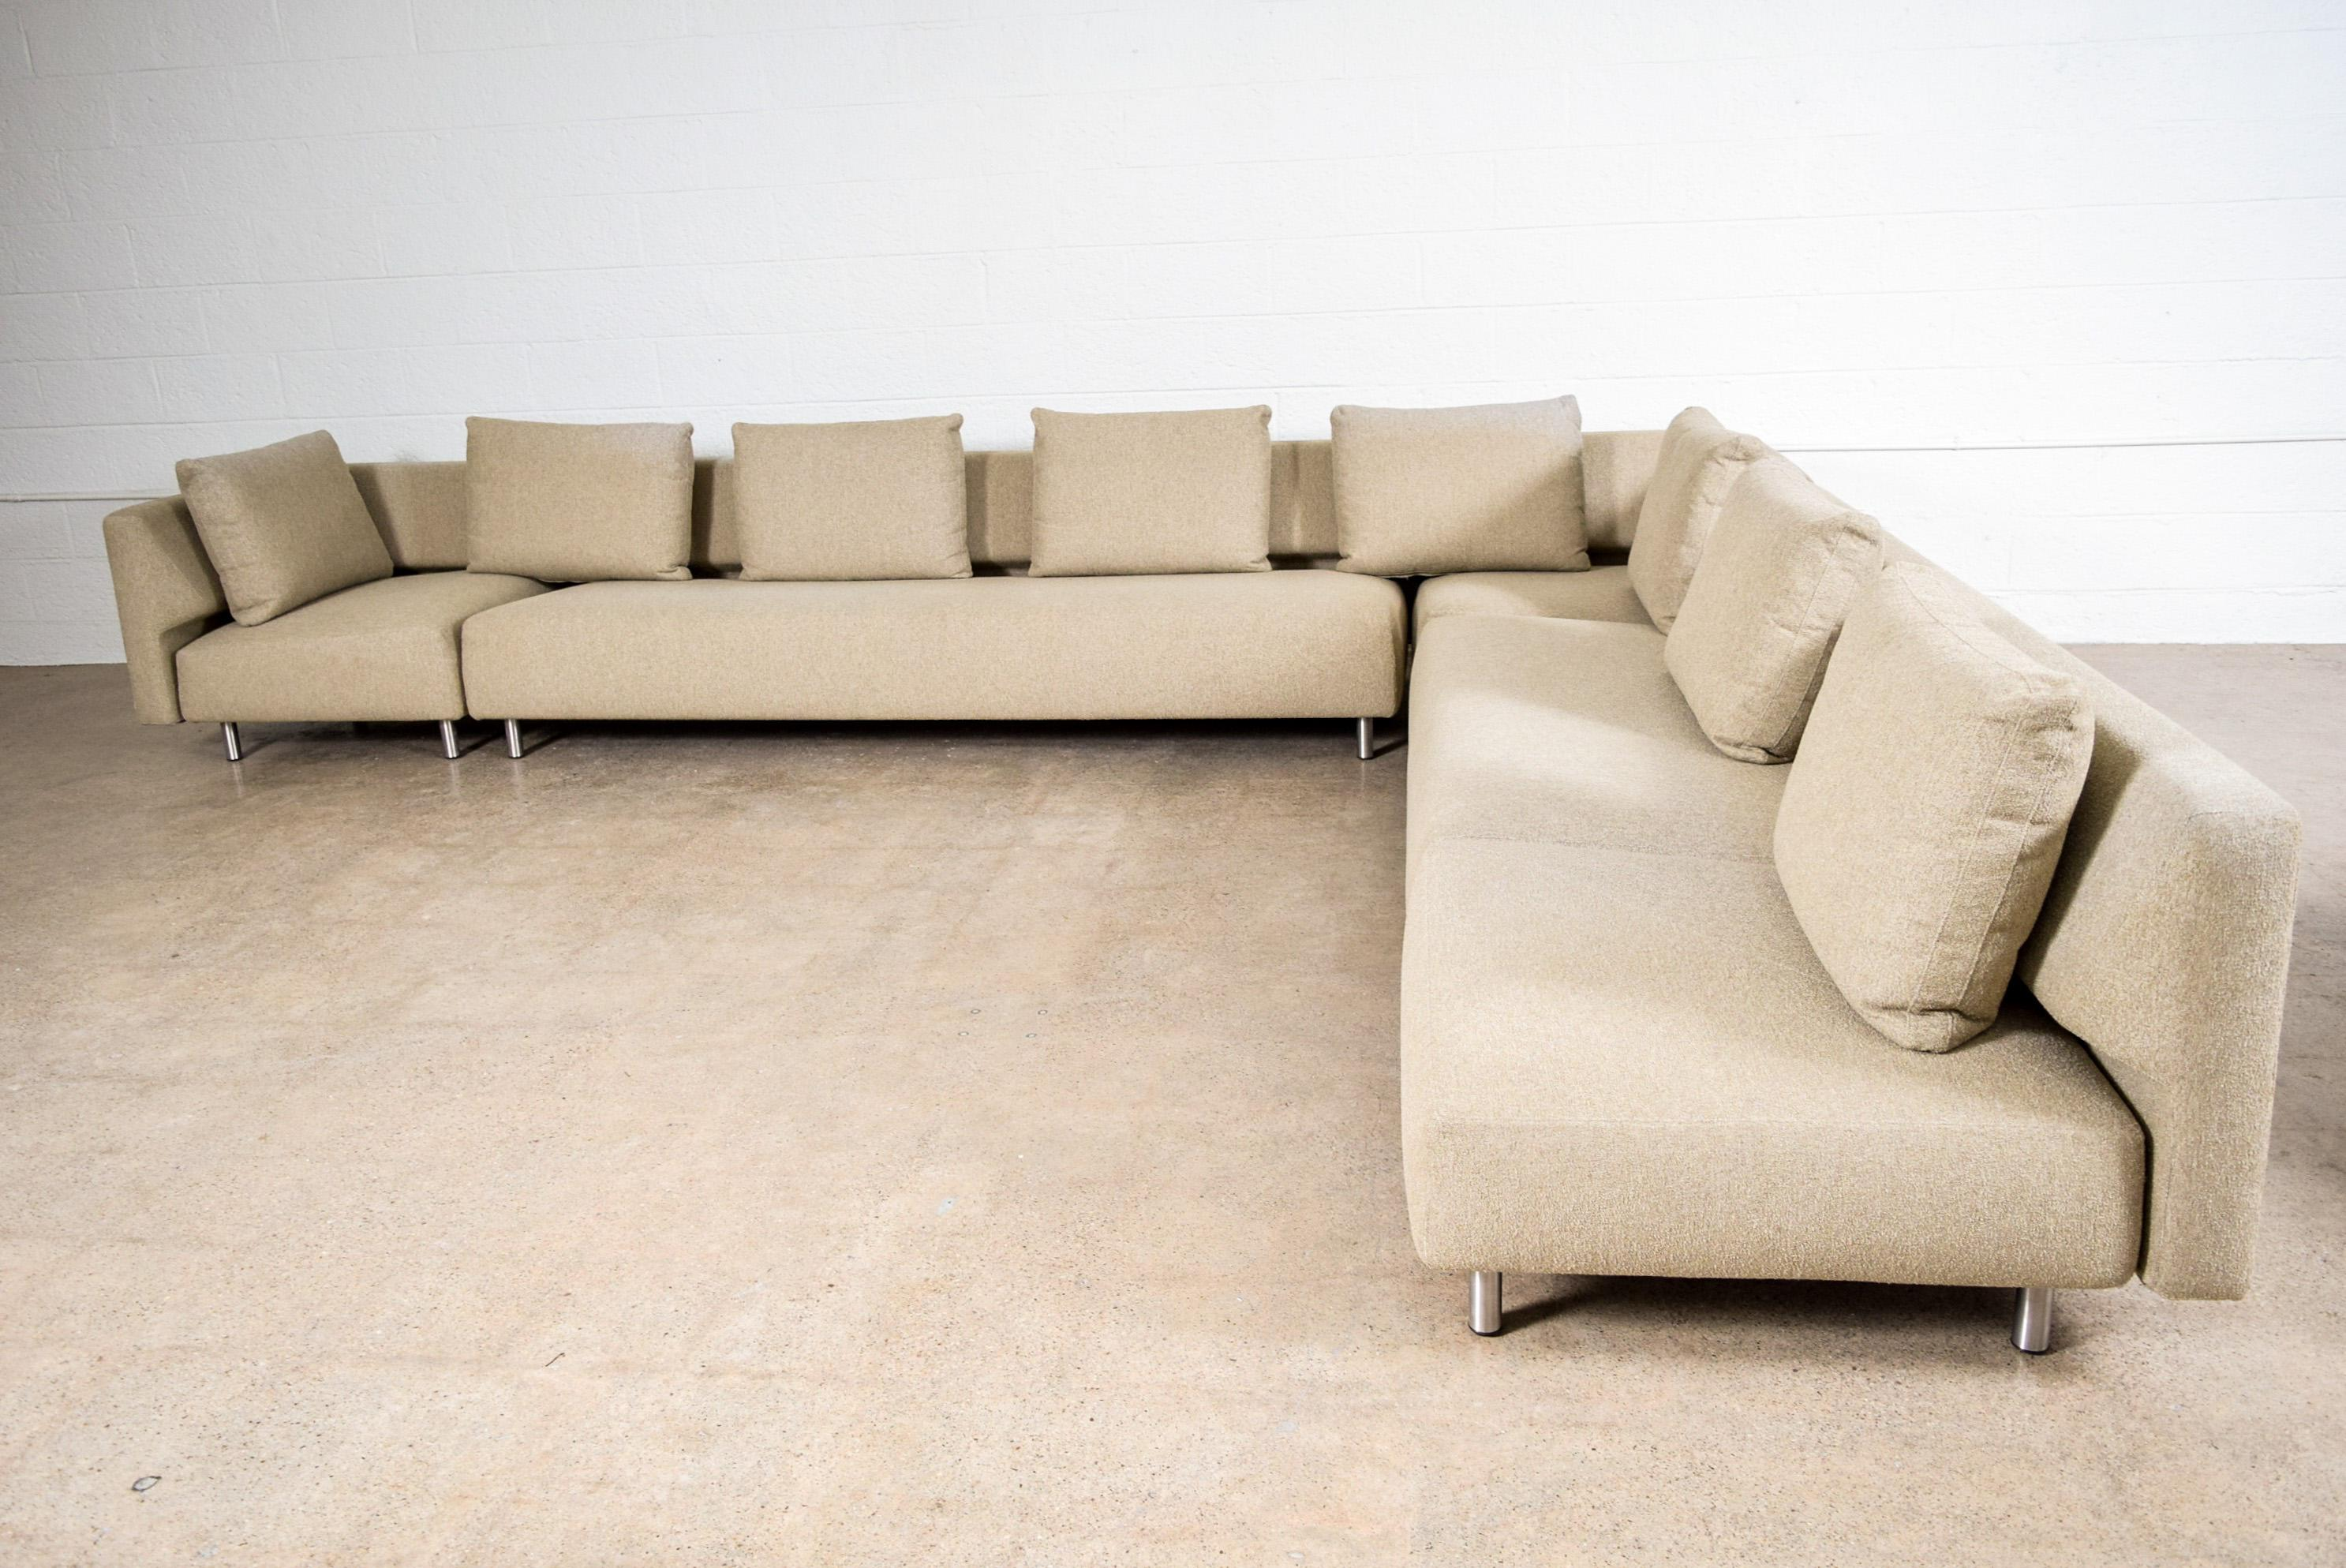 Niels Bendtsen For Bensen Metro Large Modular Sectional Sofa   Image 3 Of 11